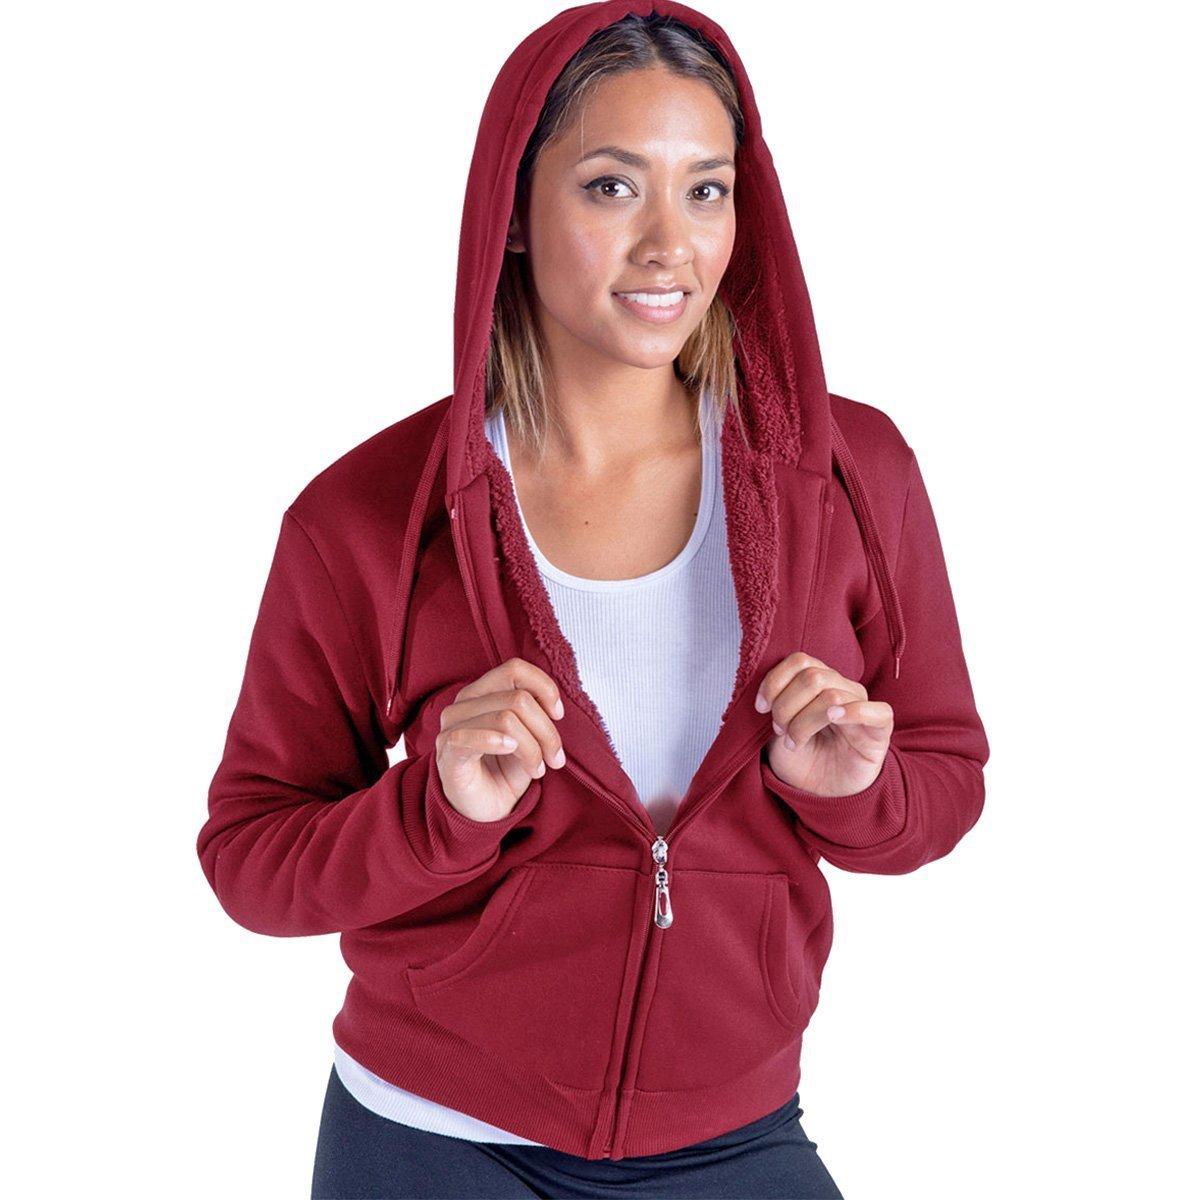 Leehanton Women's Plus Size Full Zip Soft Sherpa-Lined Fleece Hoodie Burgandy 1XL